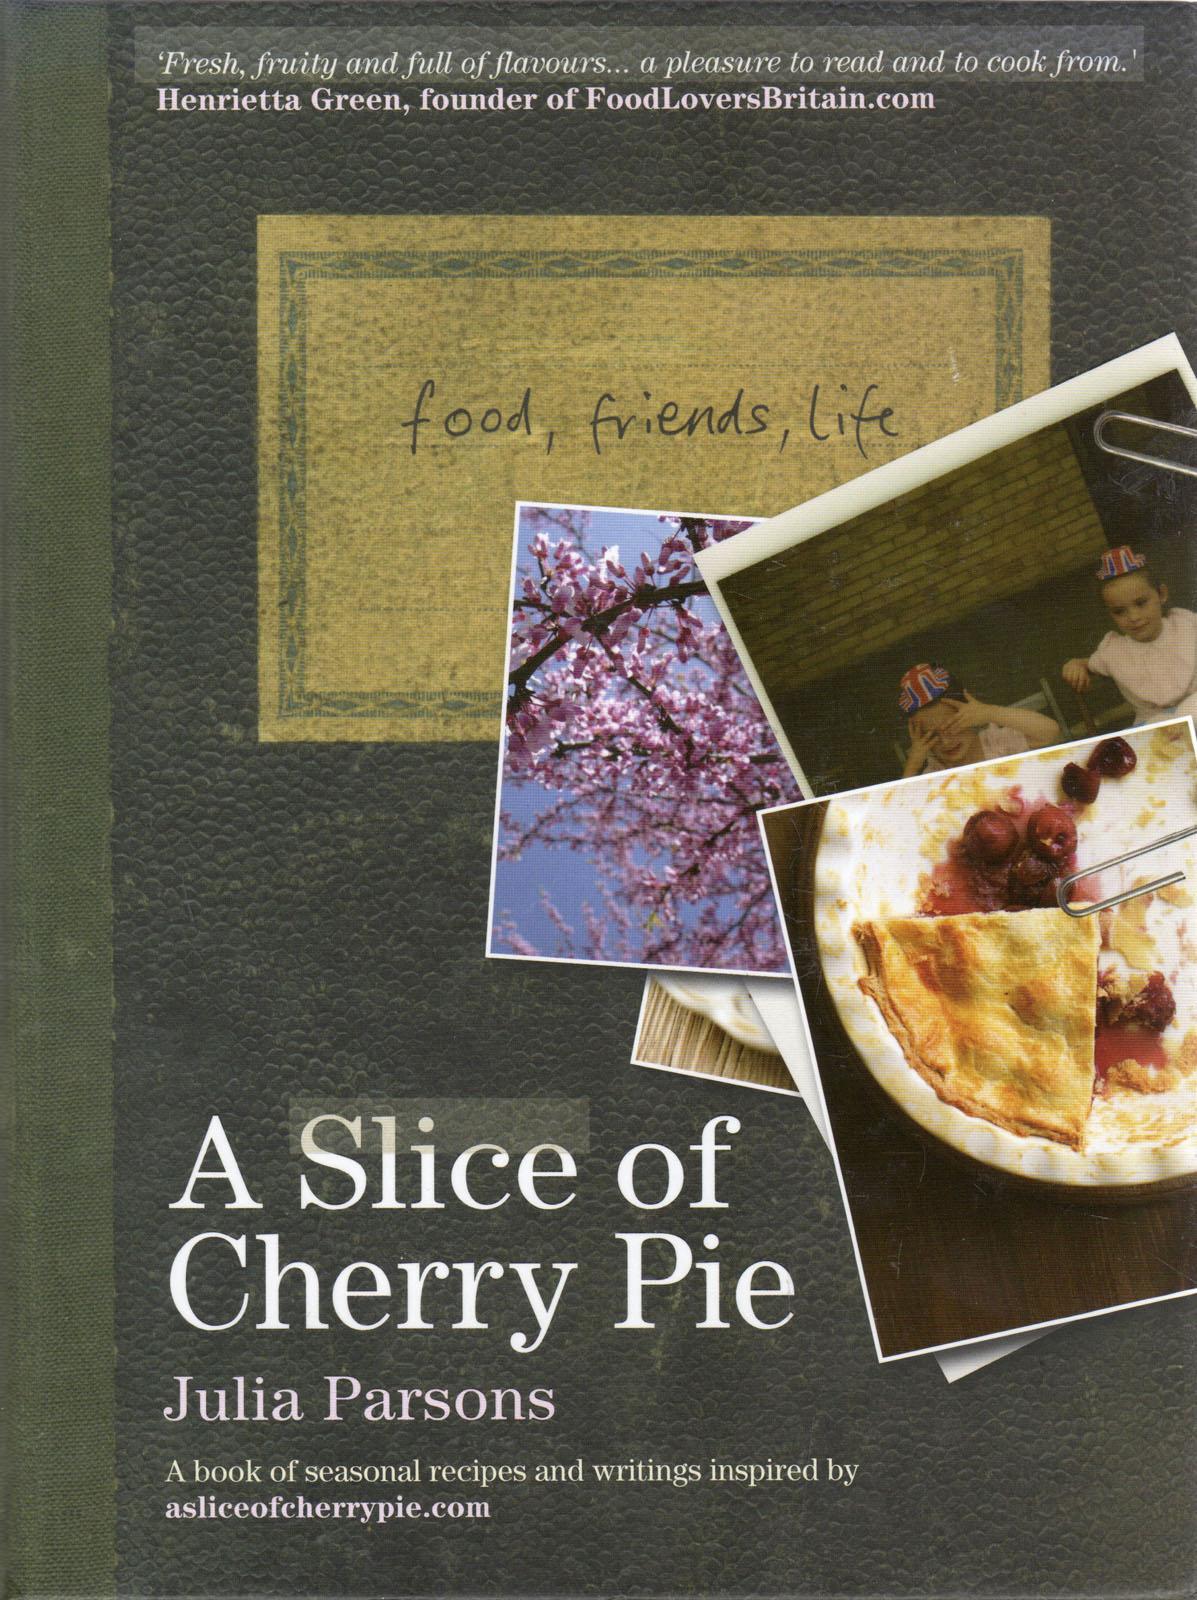 A Slice of Cherry Pie bby Julia Parsons